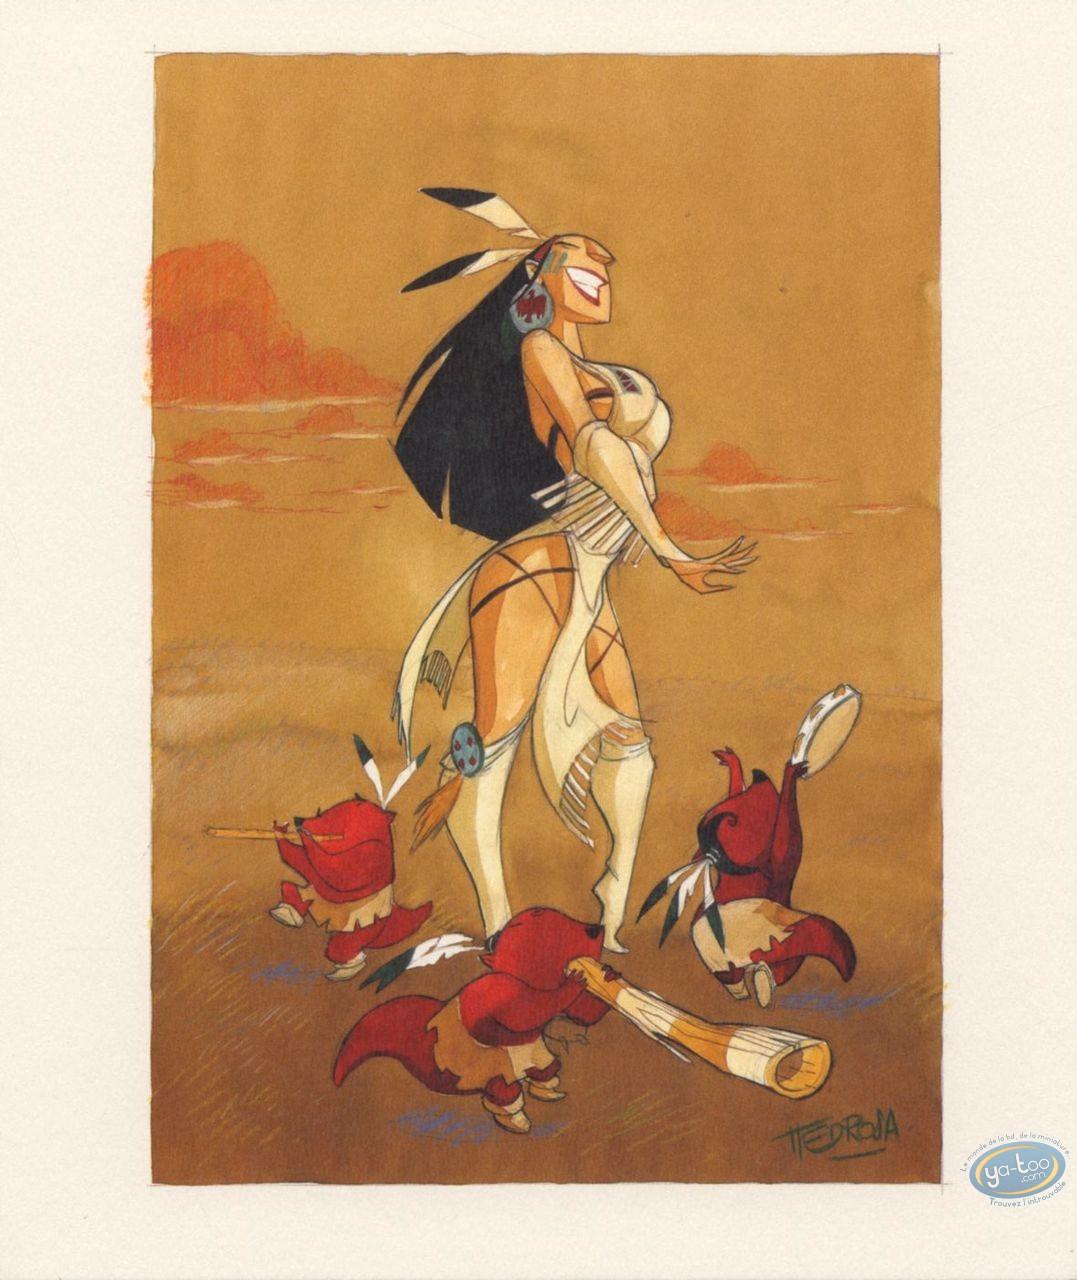 Bookplate Offset, Luuna : Pedrosa, Luuna et les Pipintus